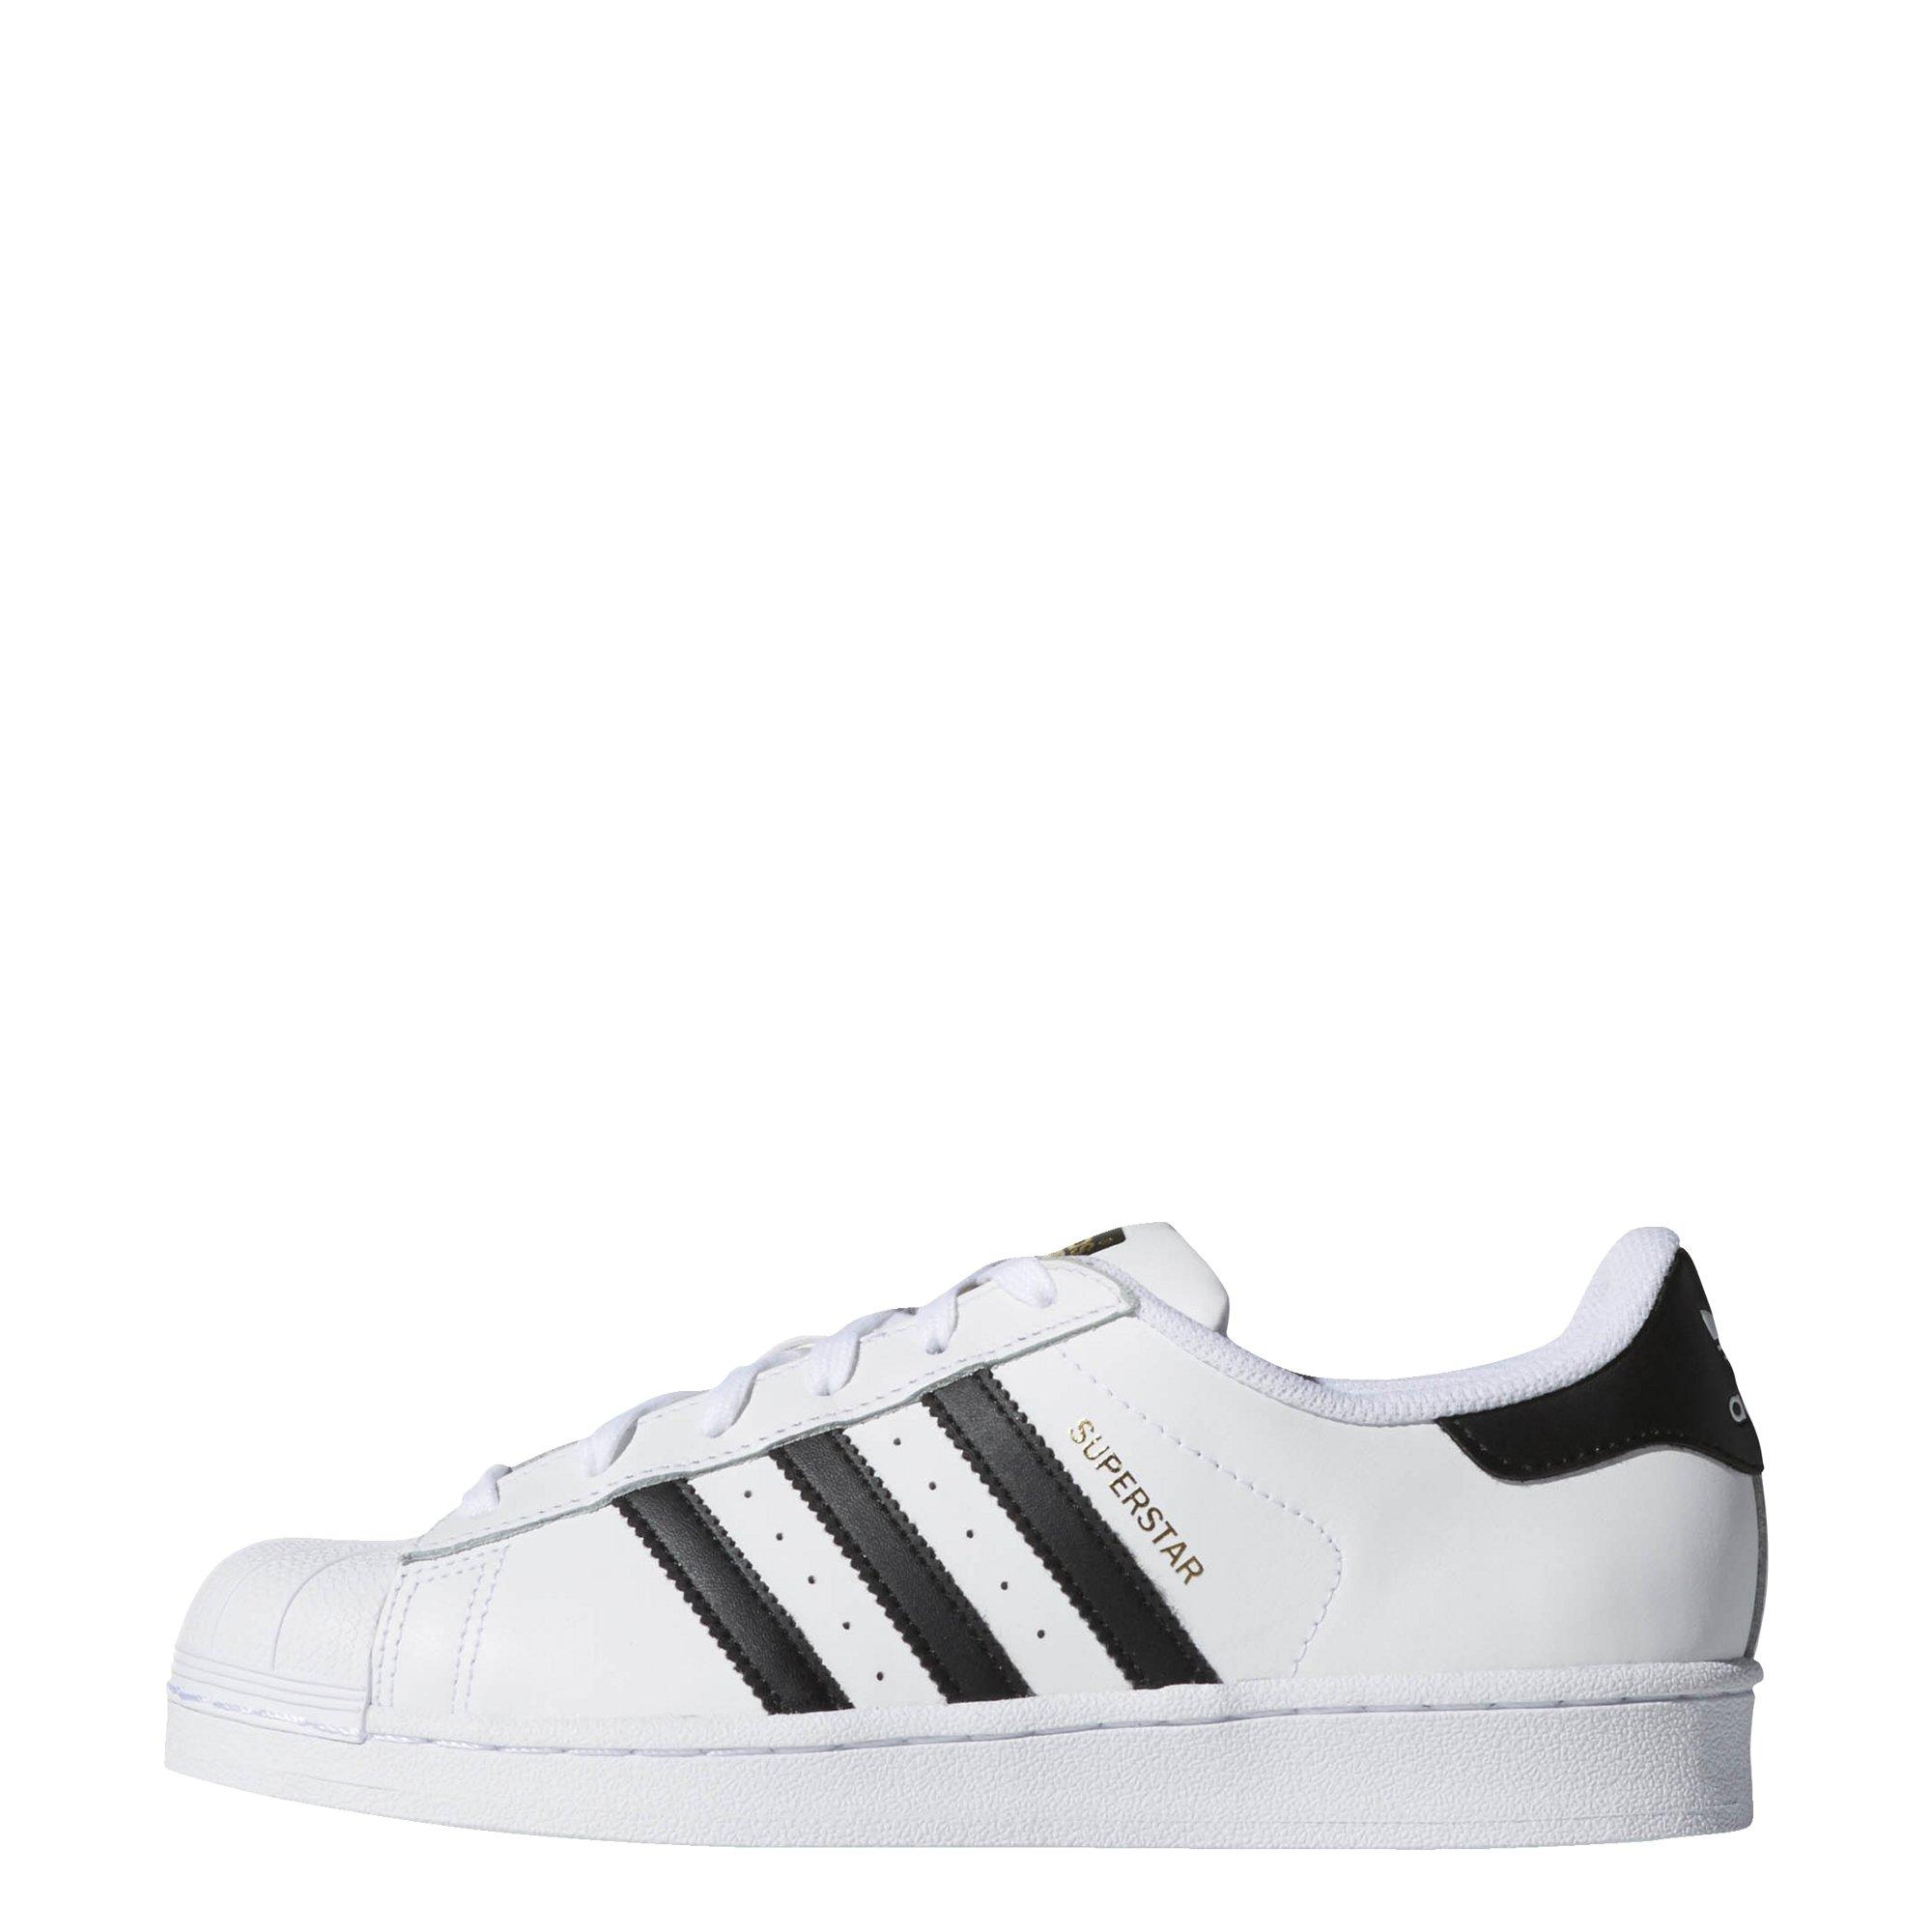 adidas Originals Women's Superstar Sneaker, Black/White, 10 by adidas Originals